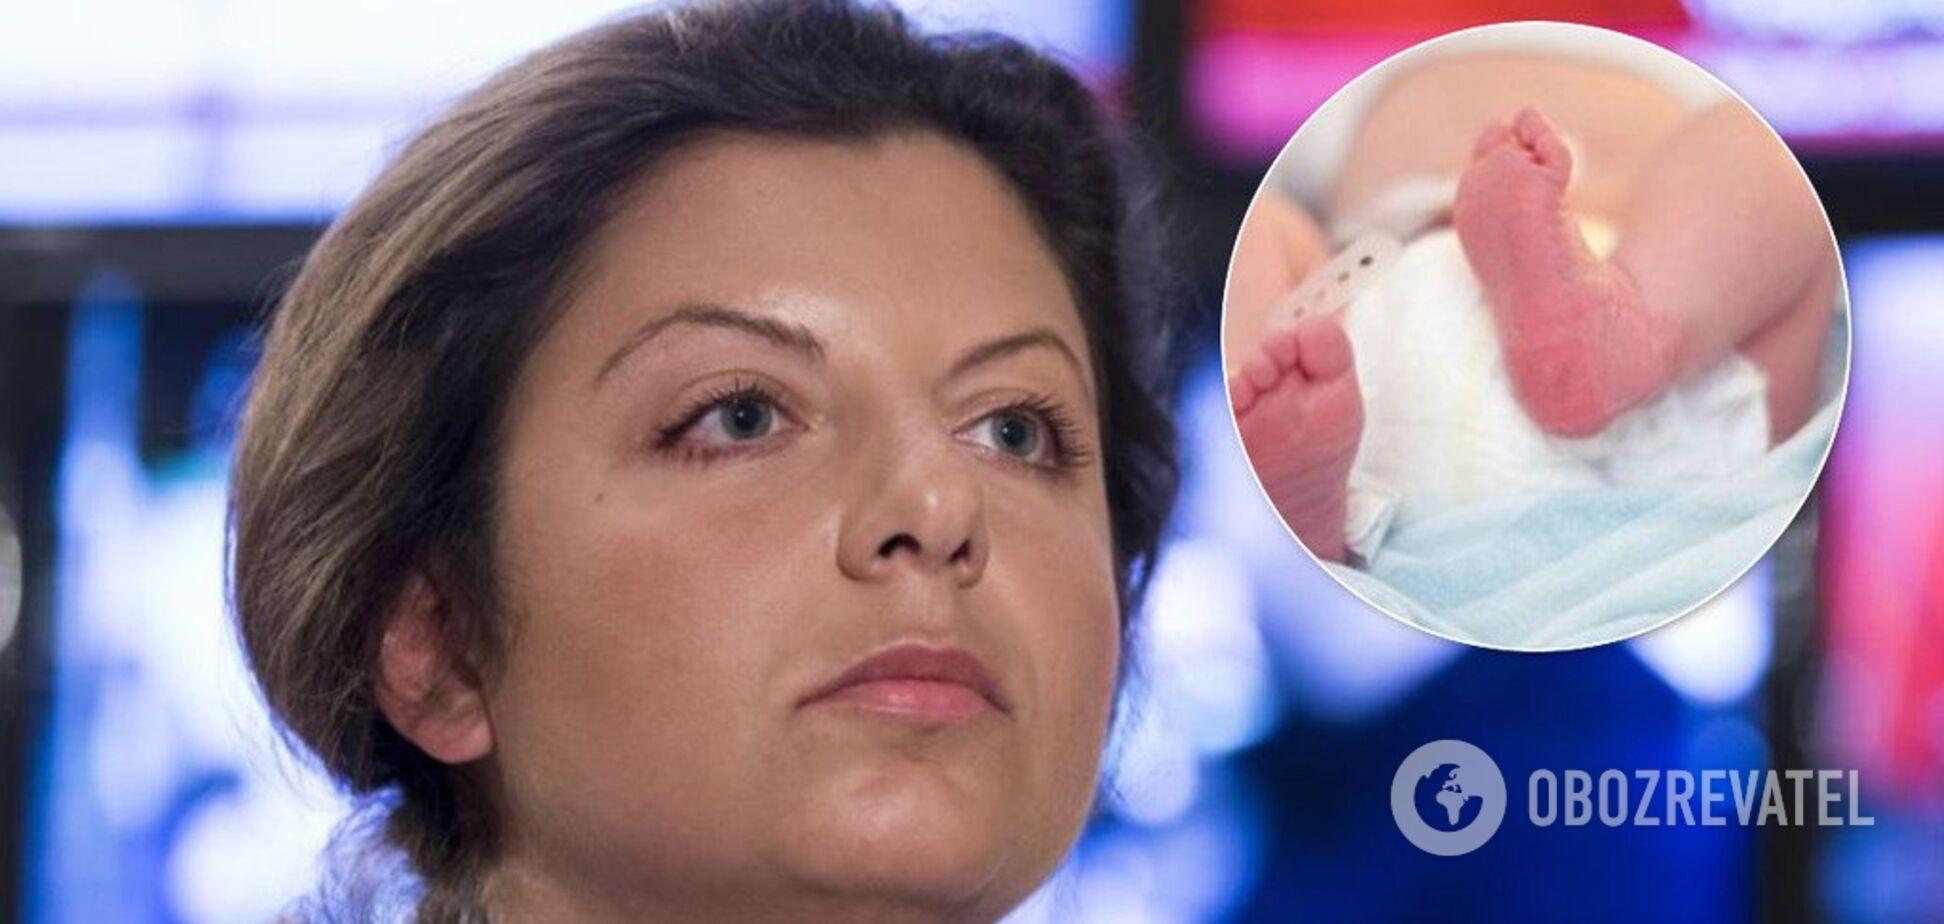 Топ-пропагандистка Кремля родила ребенка: появились подробности